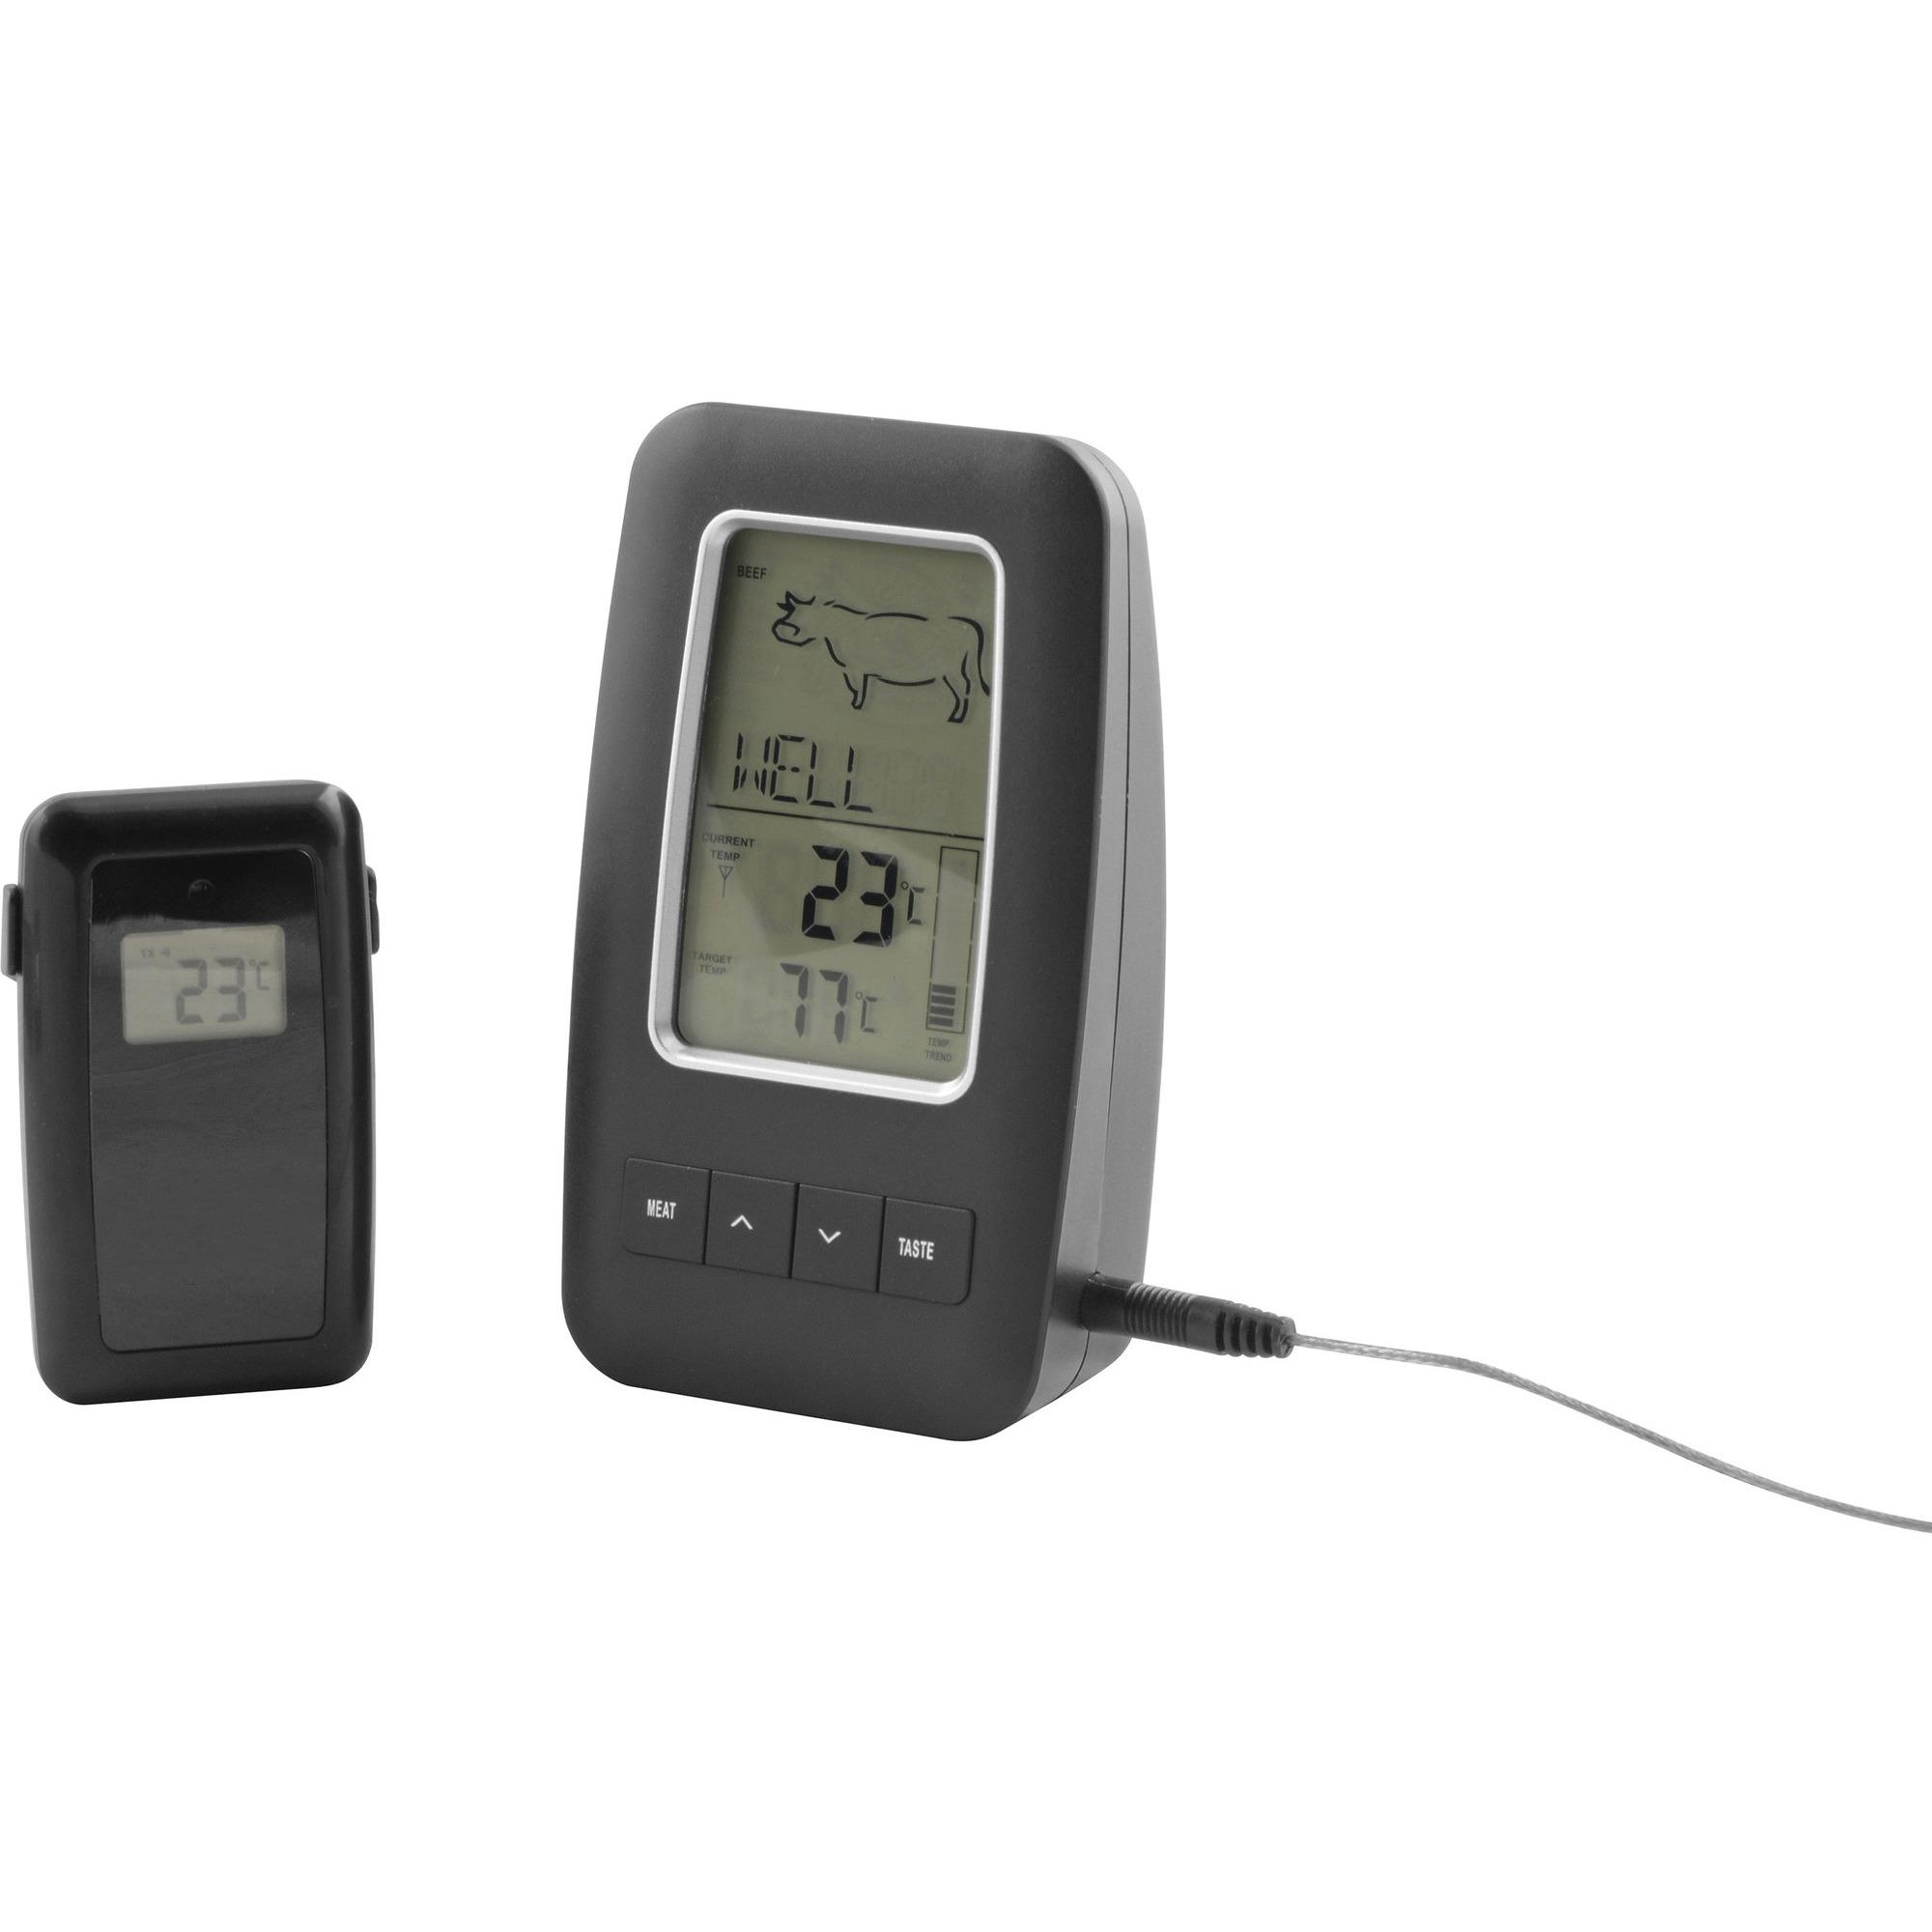 Omtalade Stektermometer trådlös från Dangrill » Snabb leverans ZY-73